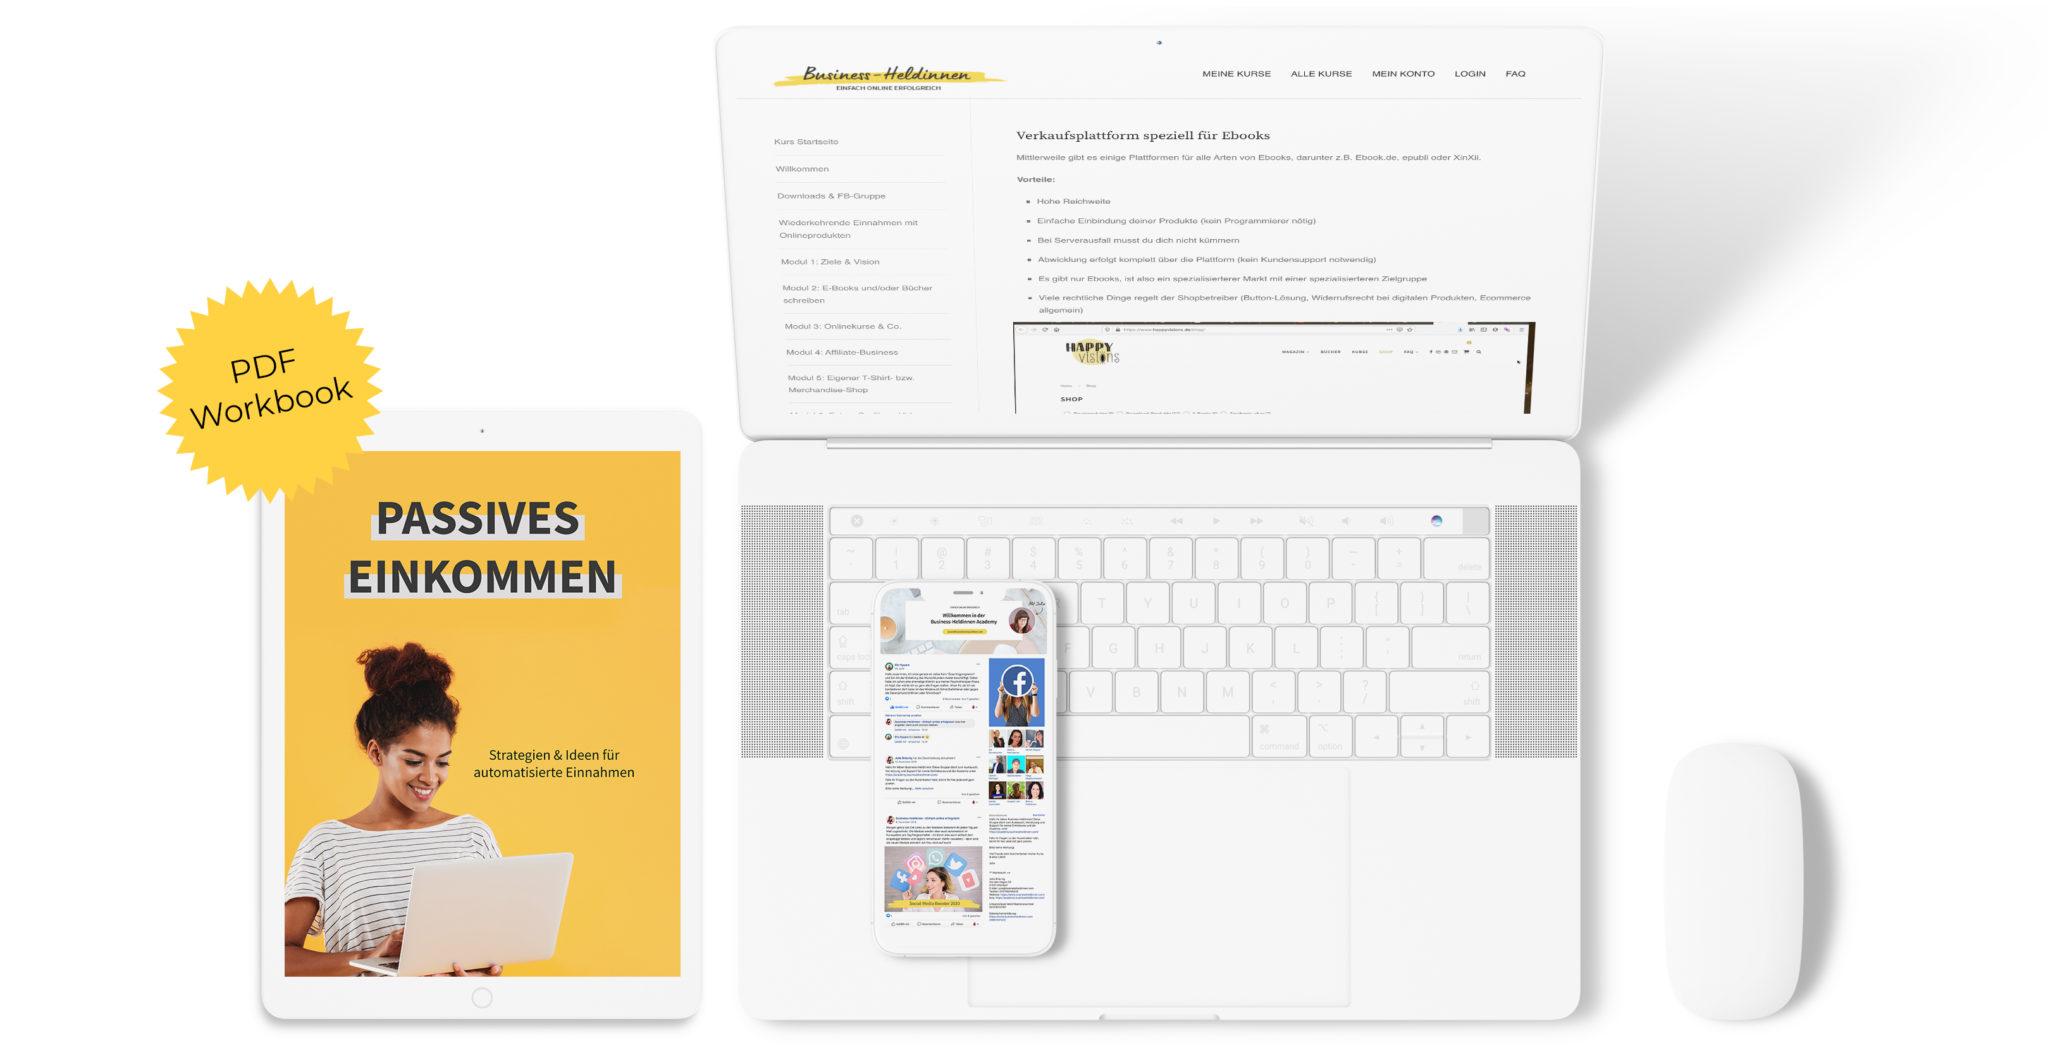 Passives Einkommen Onlinebusiness